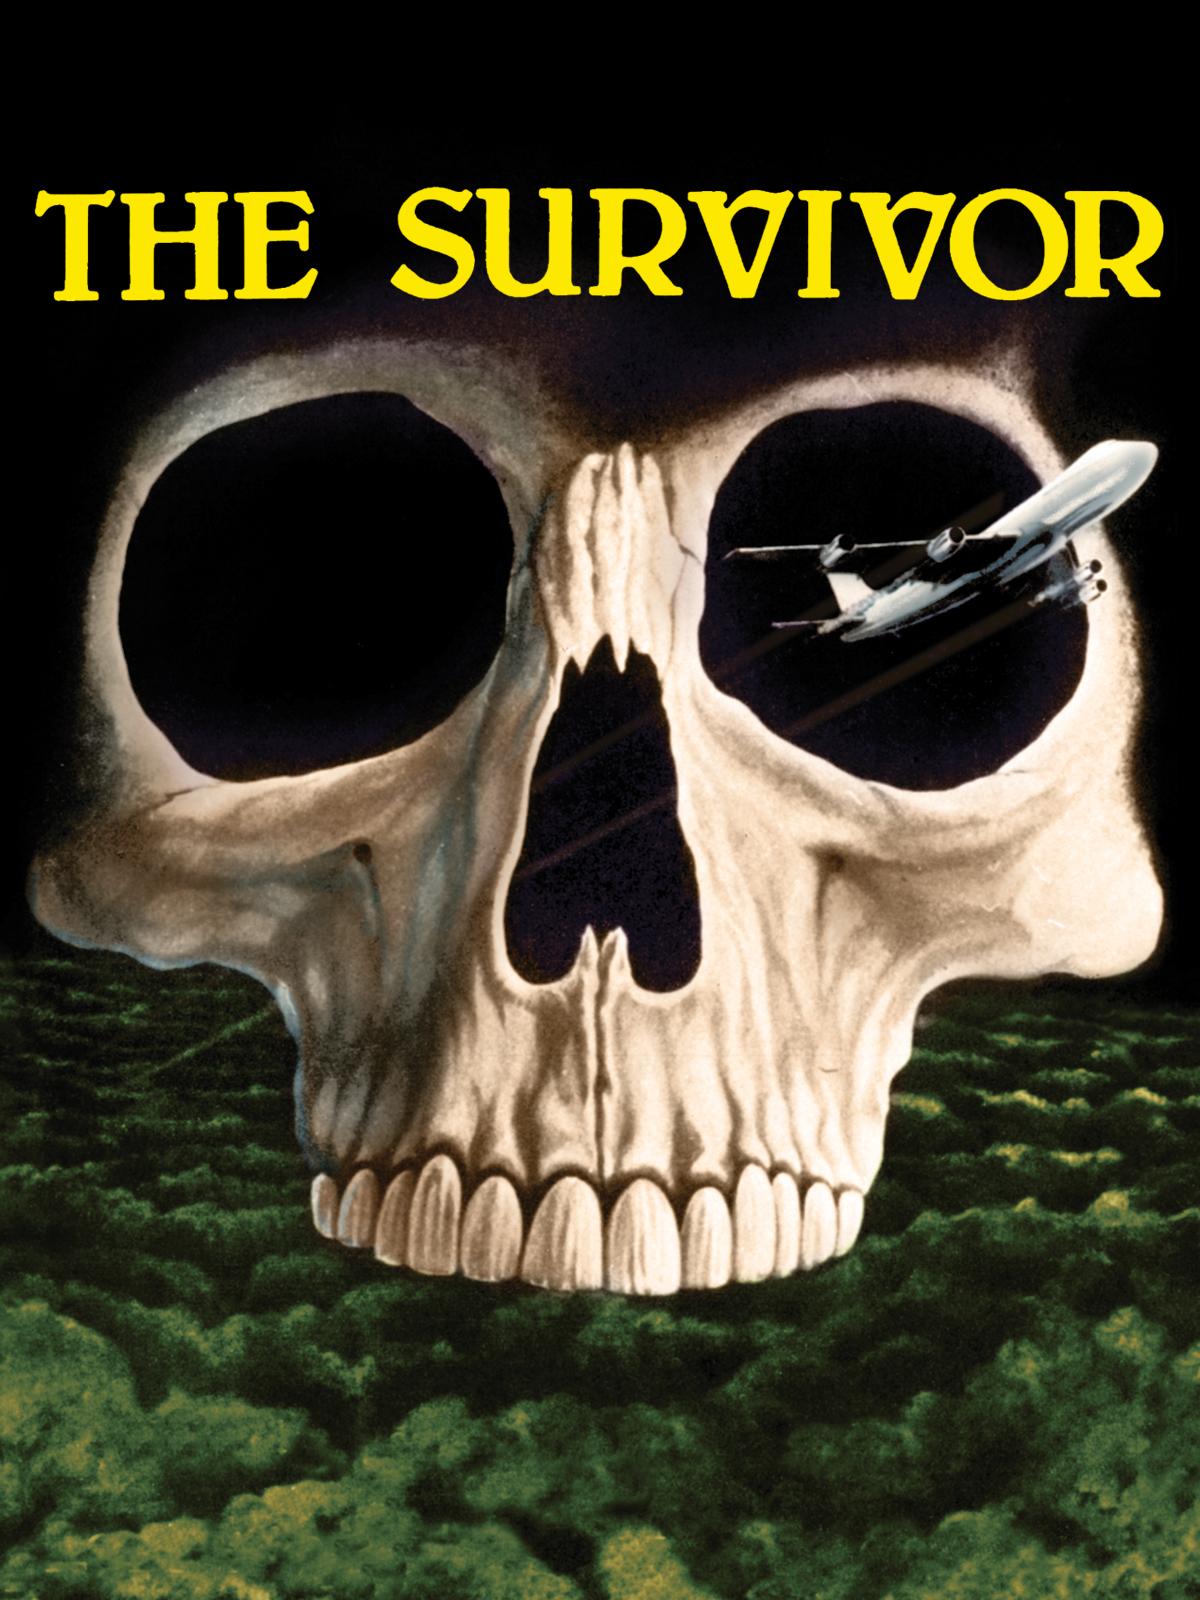 The survivor 1981 online dating